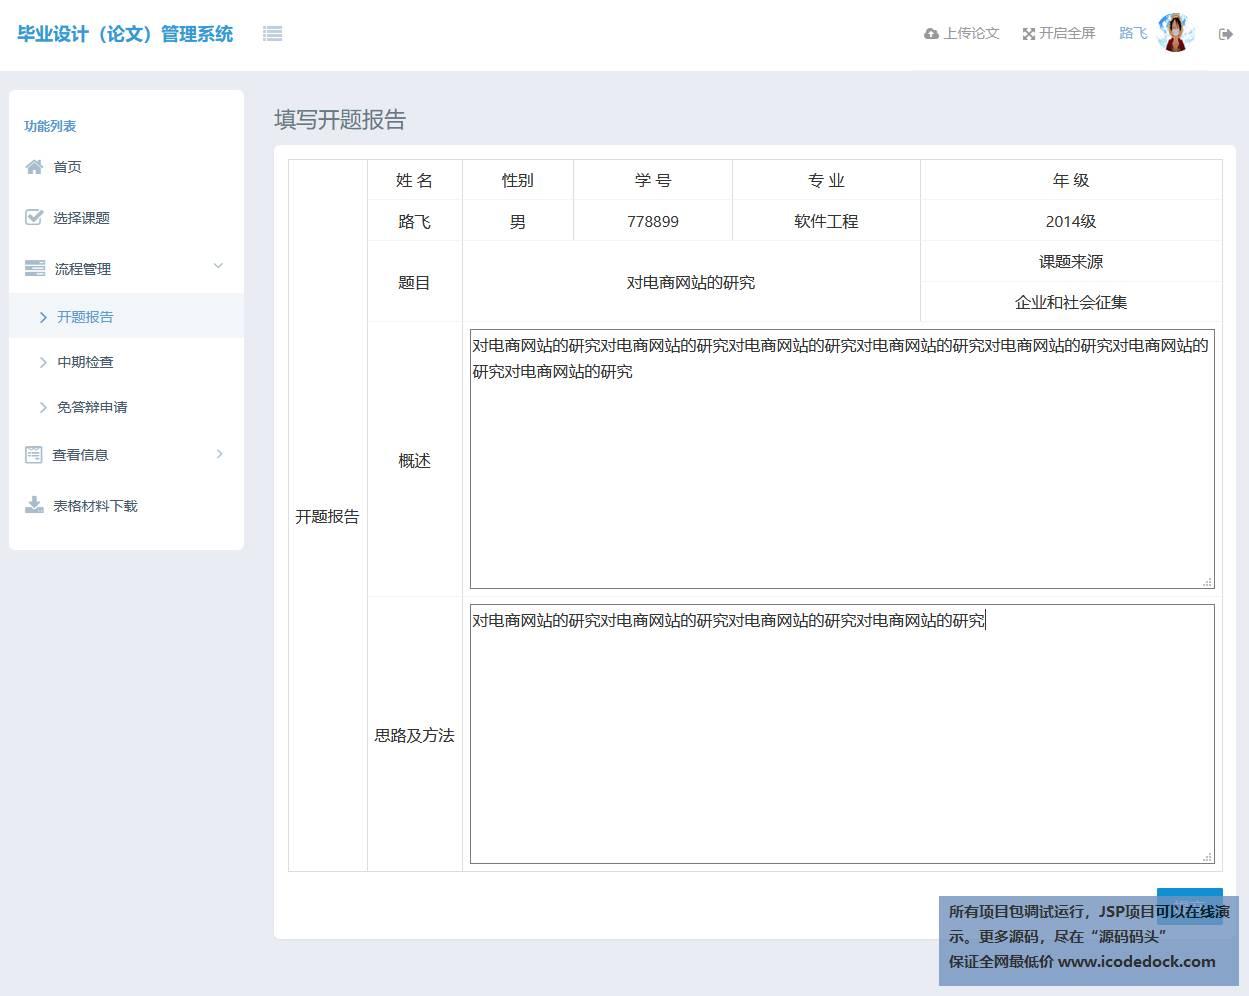 源码码头-SSM毕业设计管理系统v2-用户角色-填写开题报告